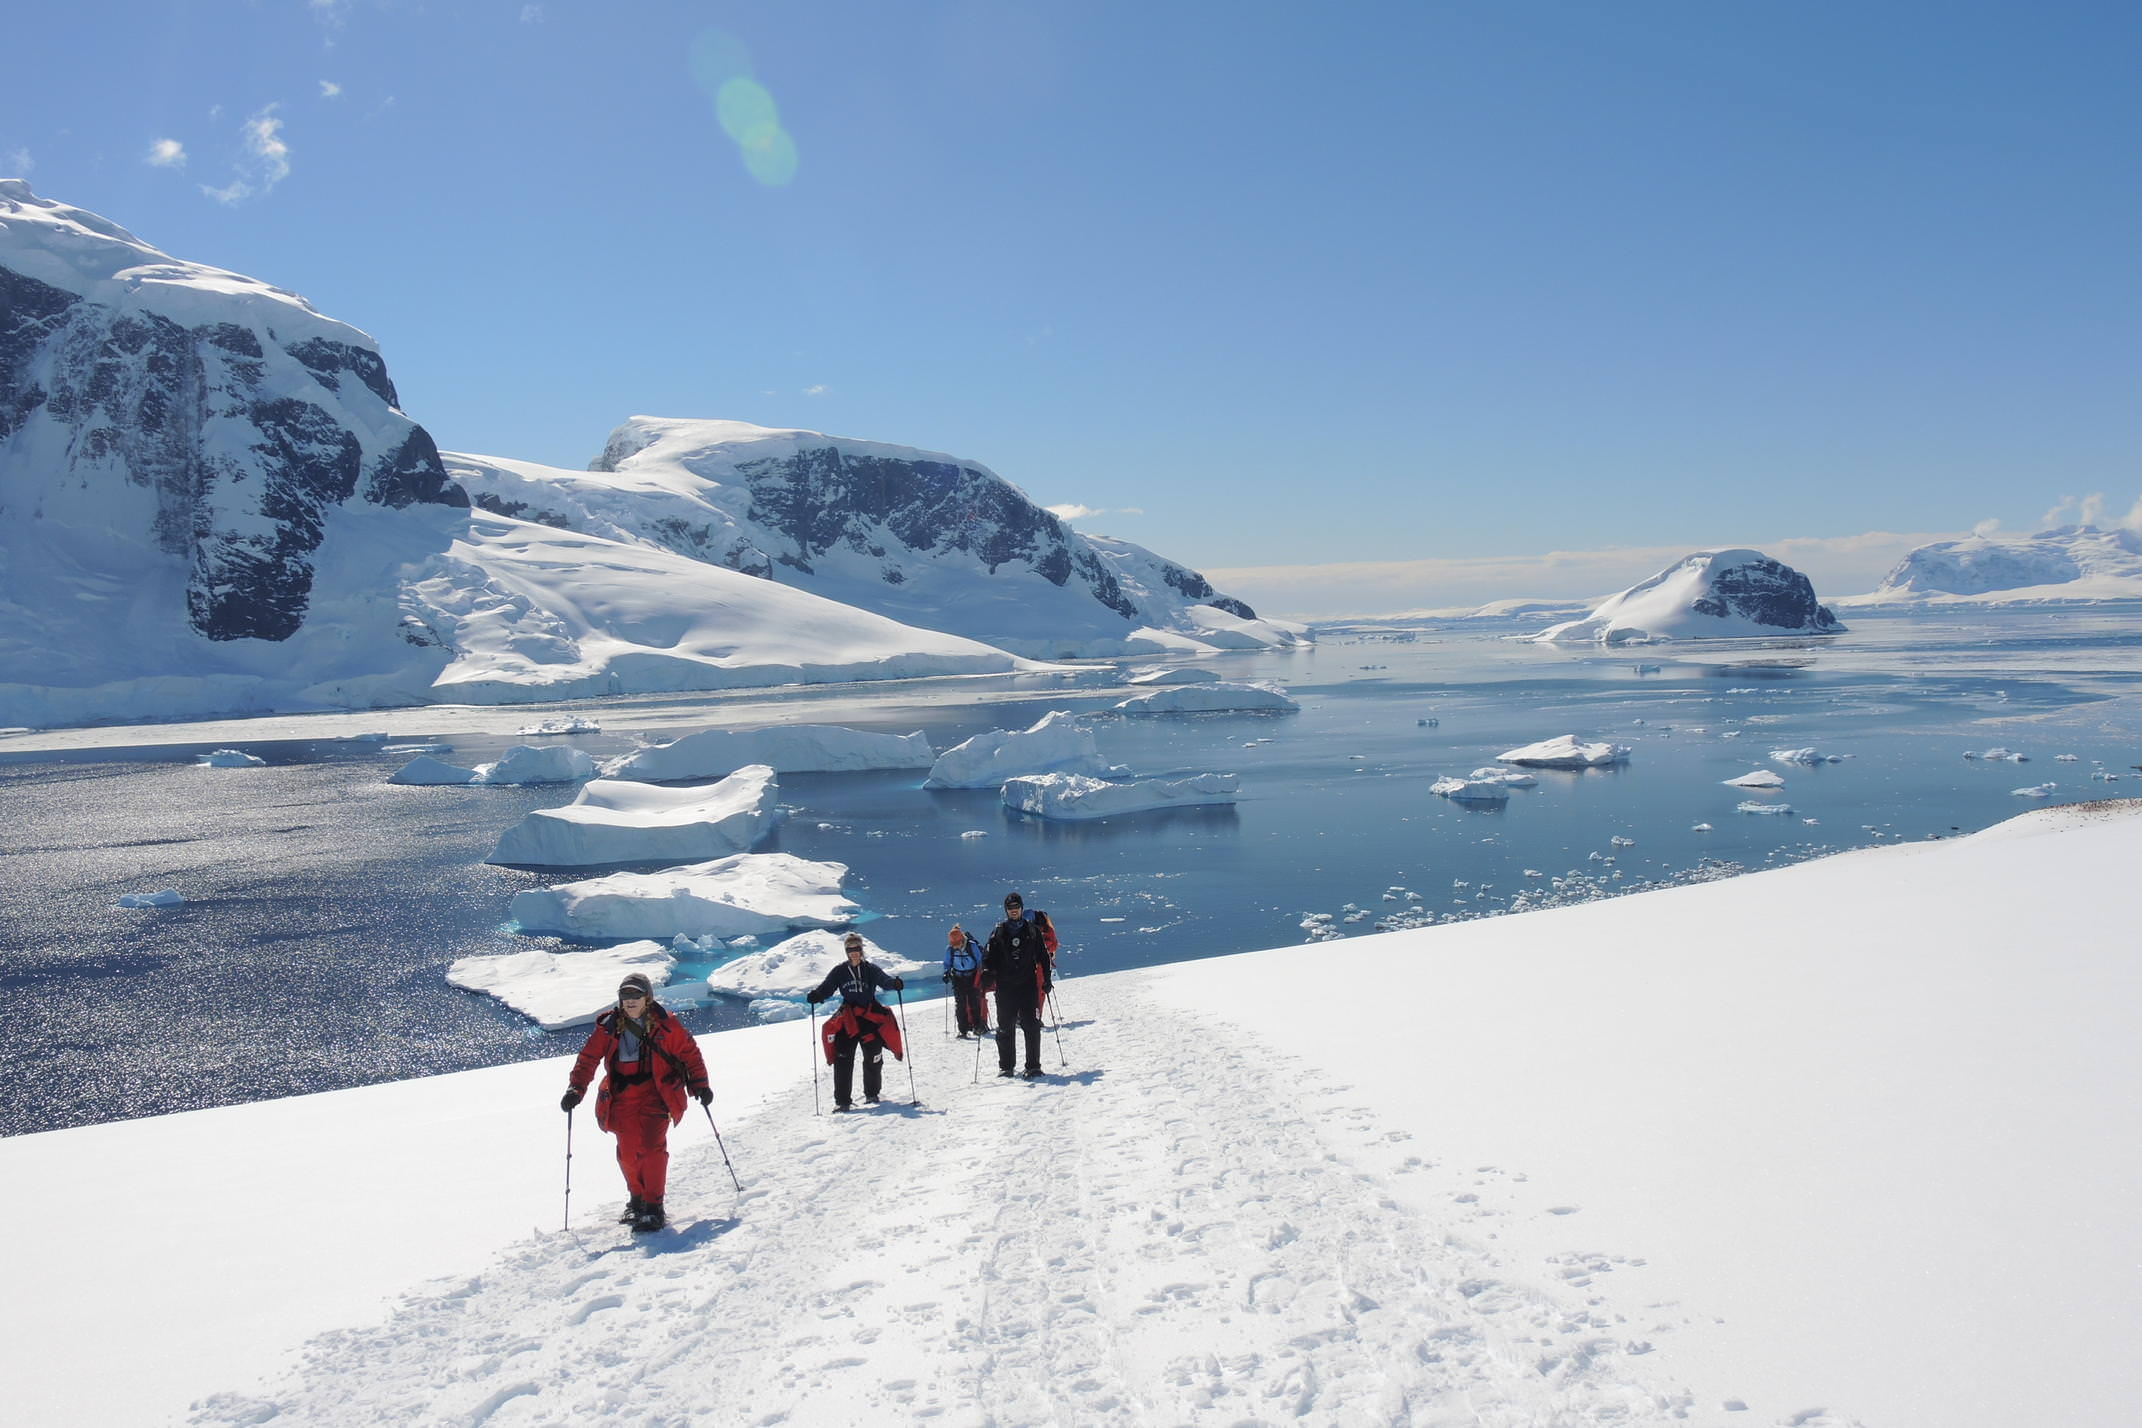 Antarctica danco island snowshoers walking